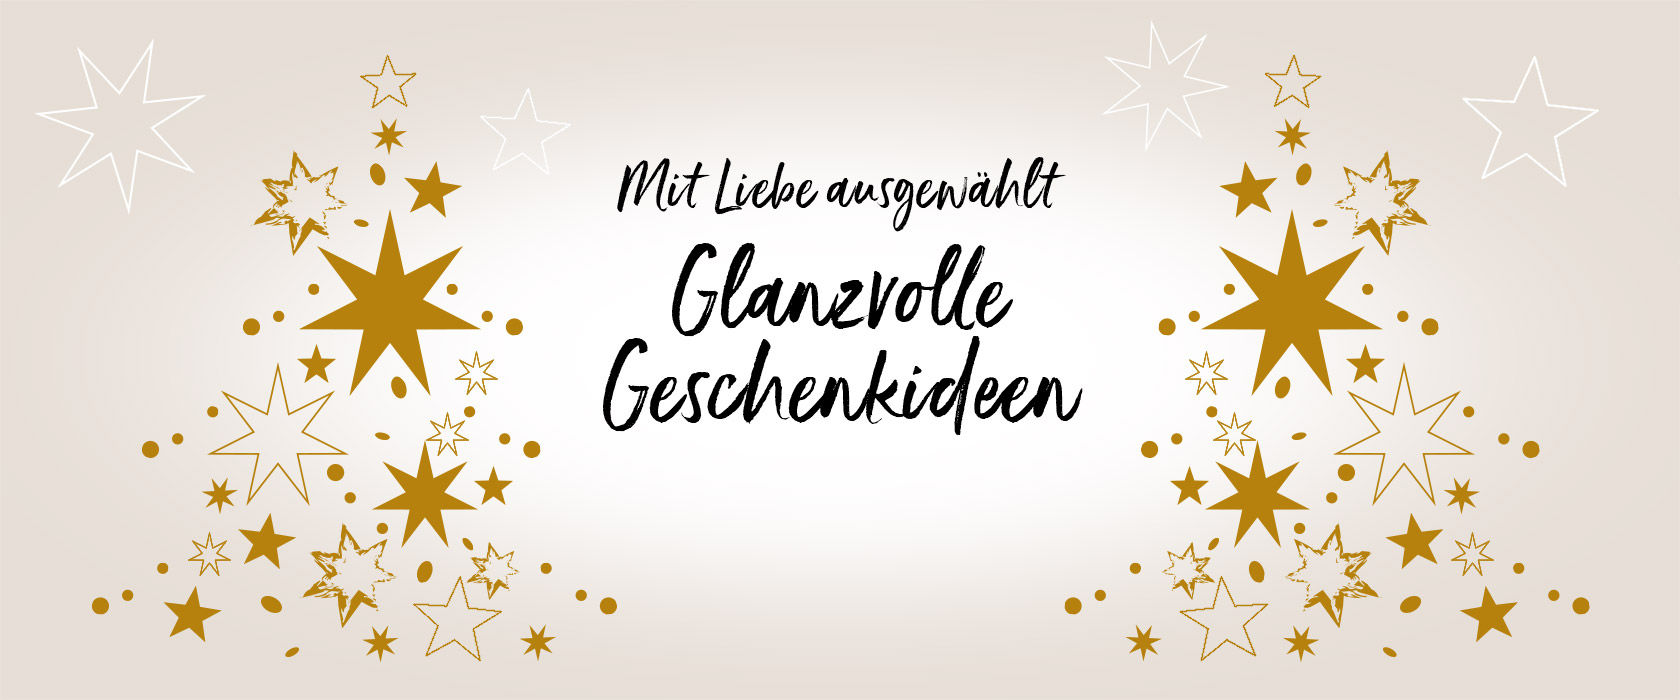 Weihnachtliches Hintergrundbild